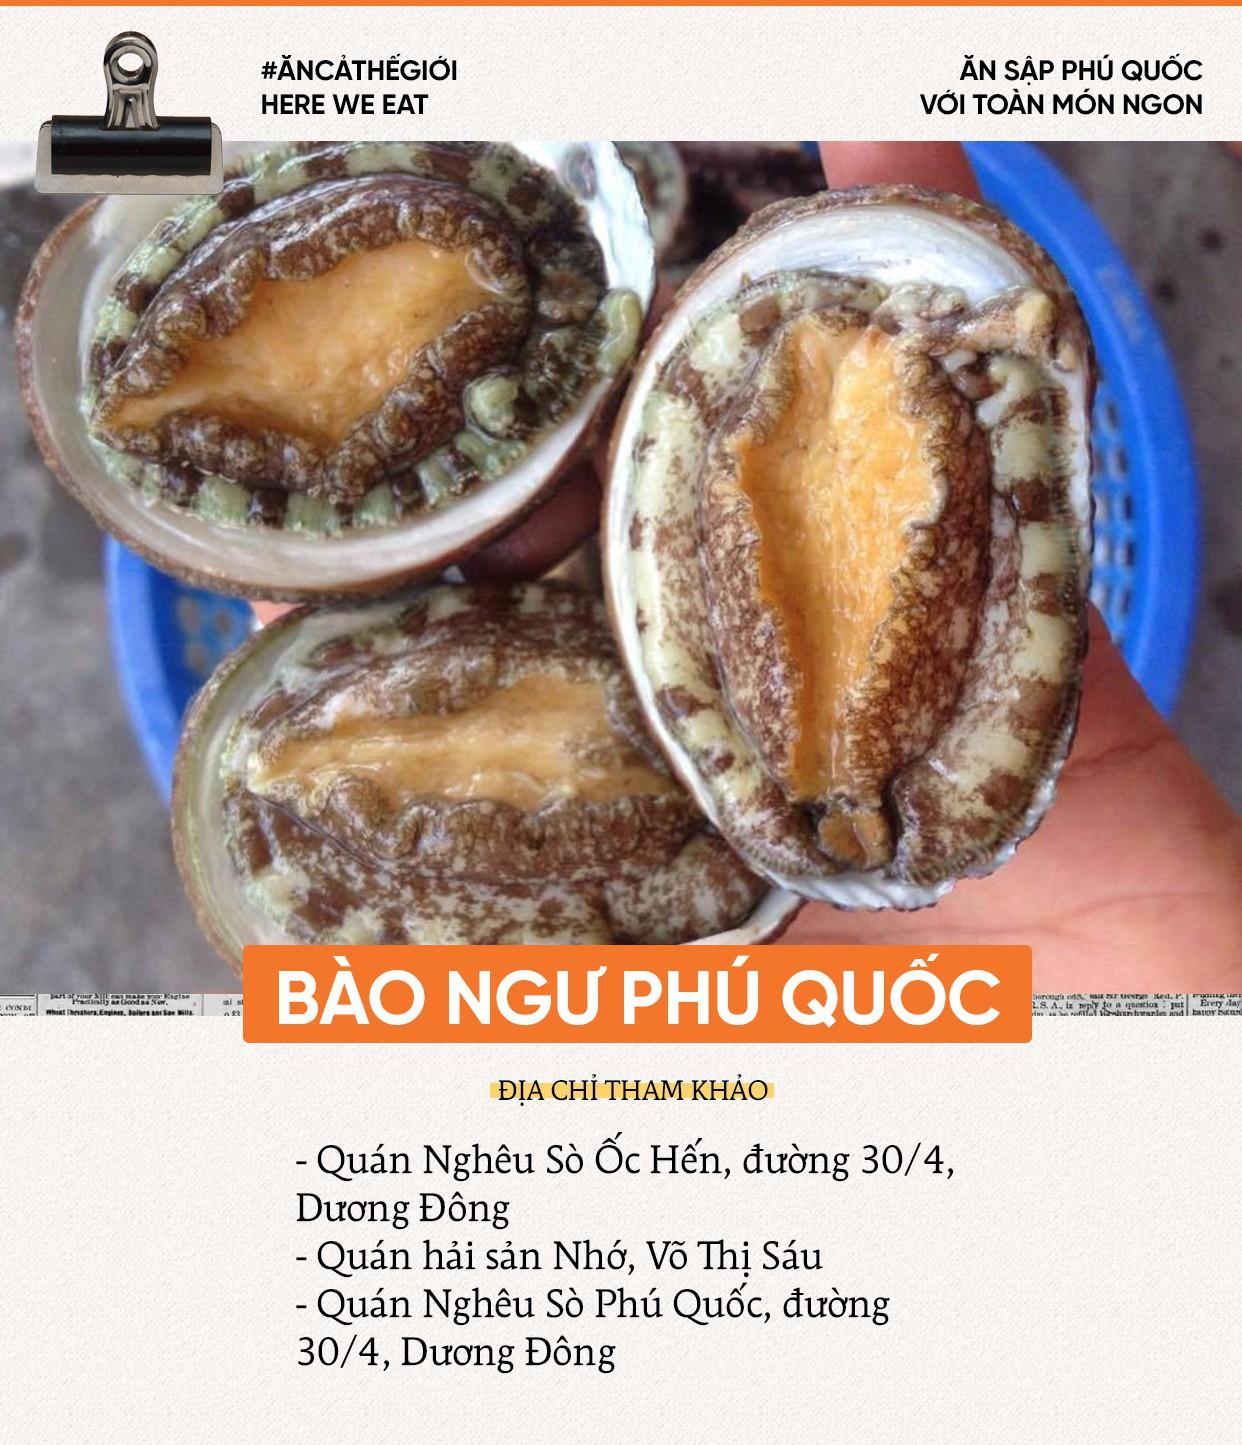 Nhớ ăn sập Phú Quốc với toàn món đặc sản hấp dẫn khi đến đây nhé - Ảnh 5.